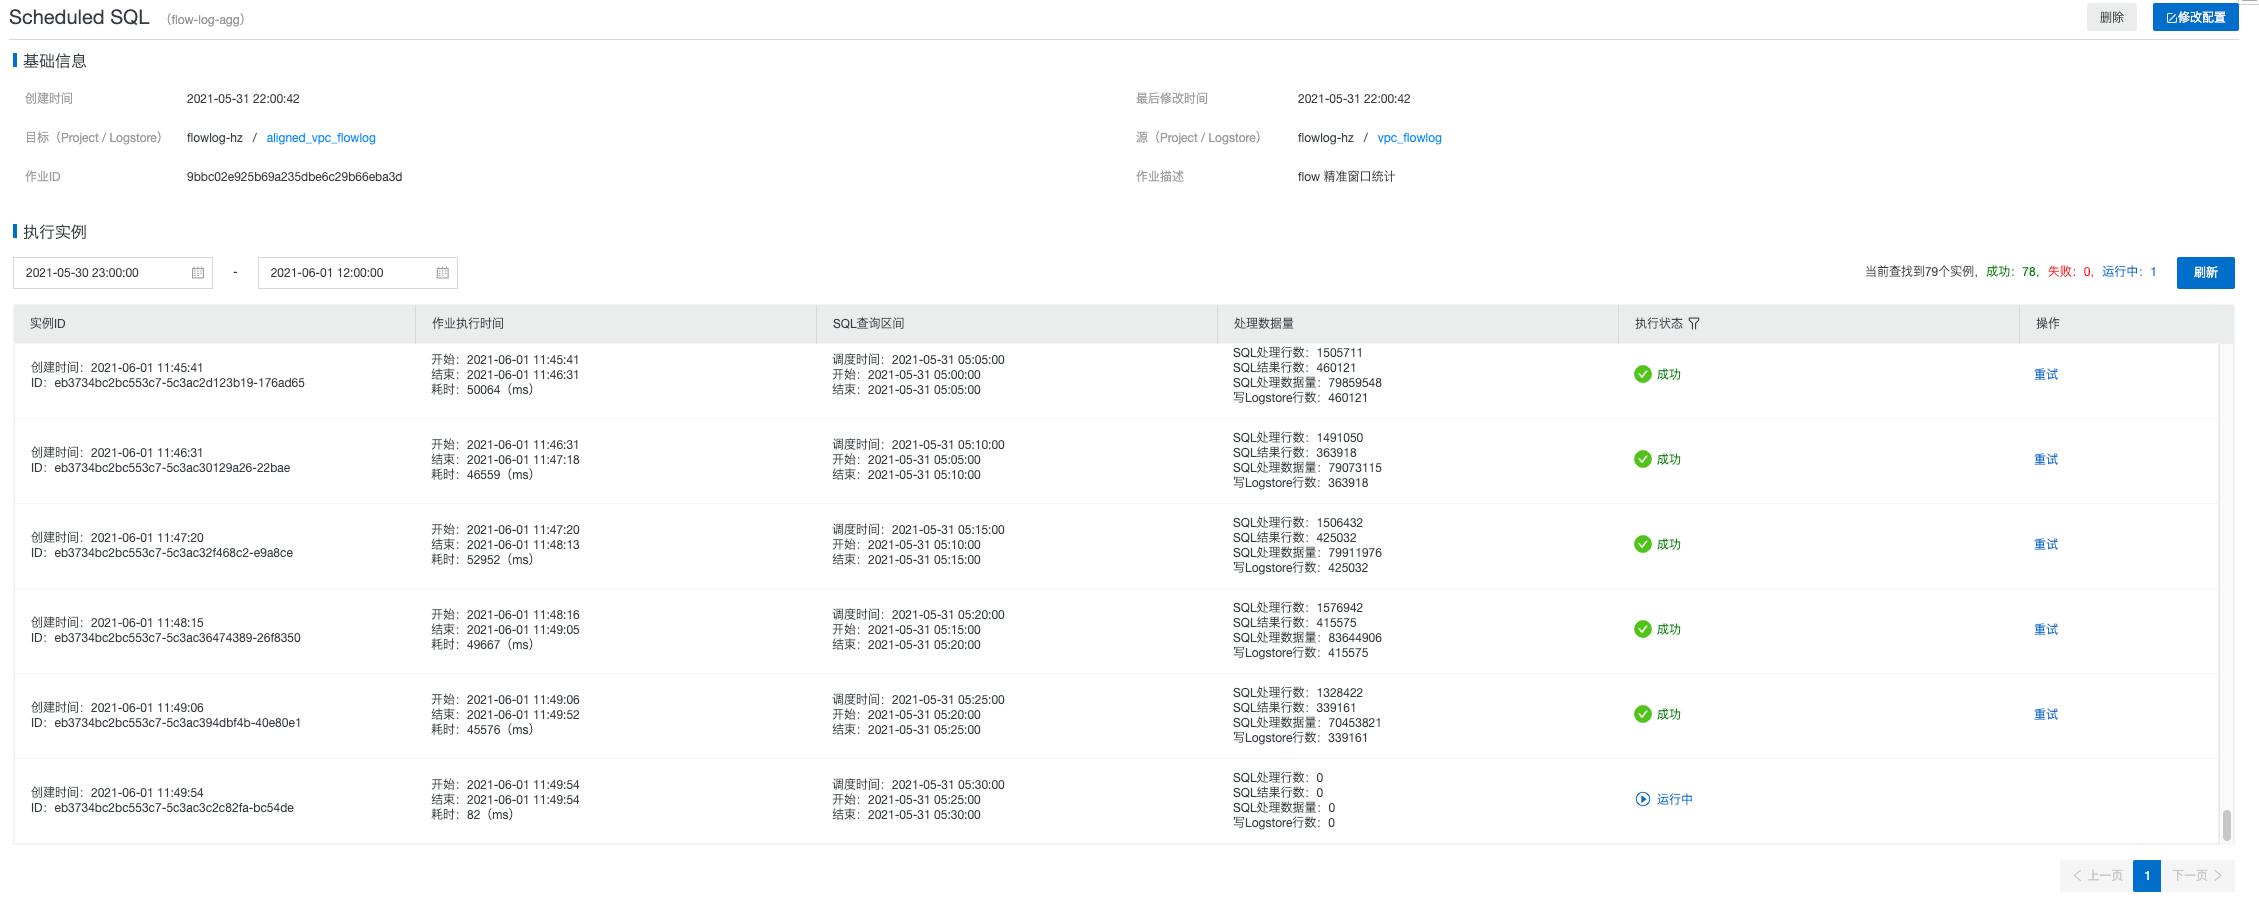 基於 Scheduled SQL 對 VPC FlowLog 實現細粒度時間視窗分析